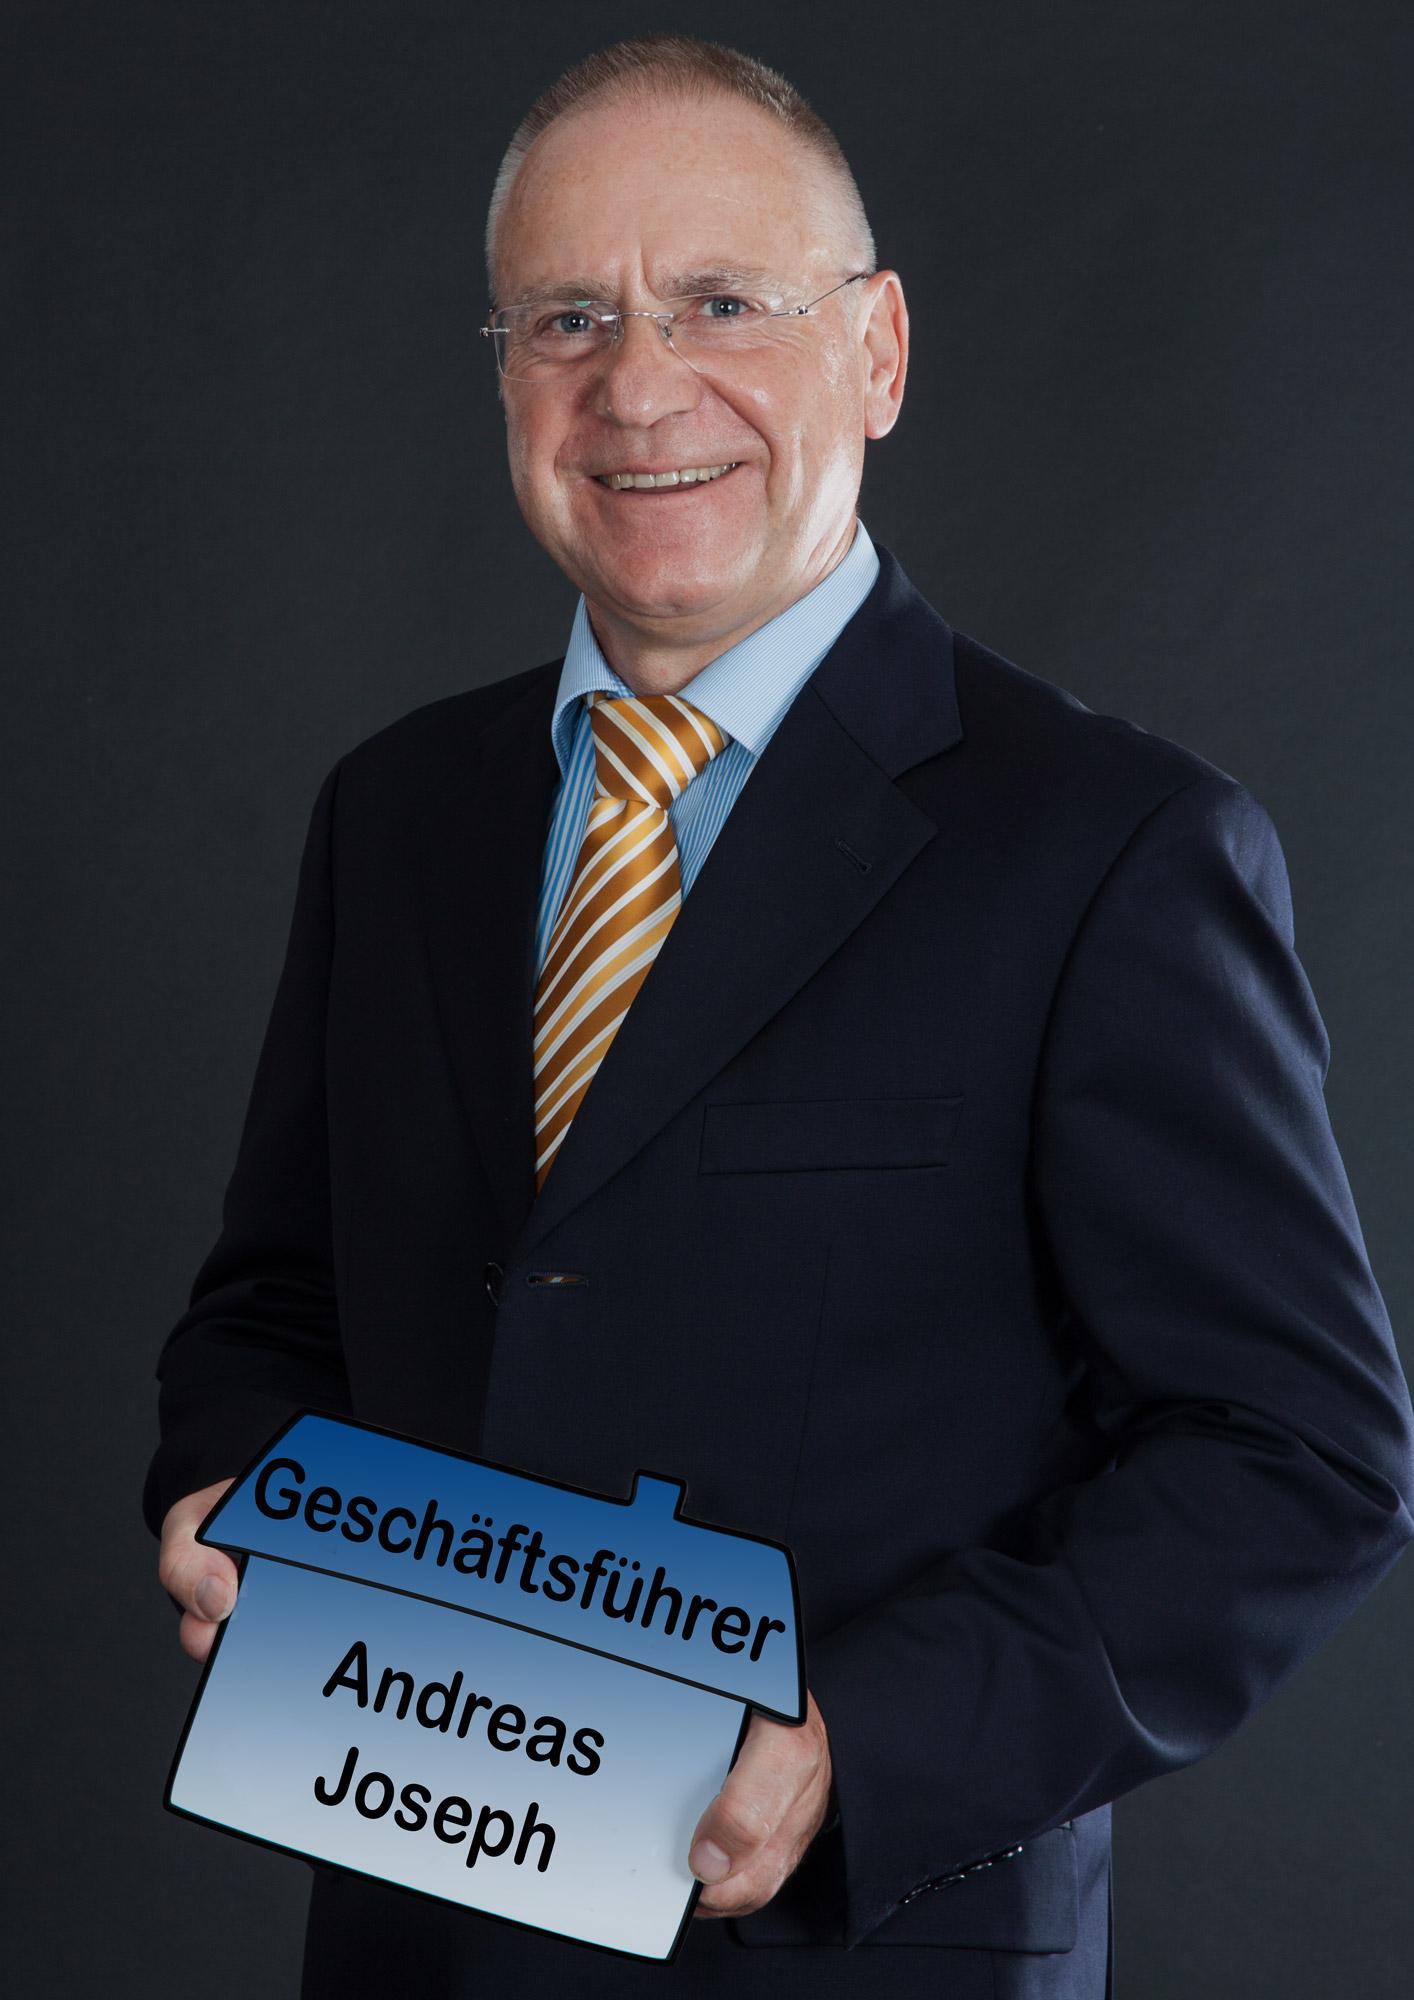 Geschäftsführer Andreas Joseph